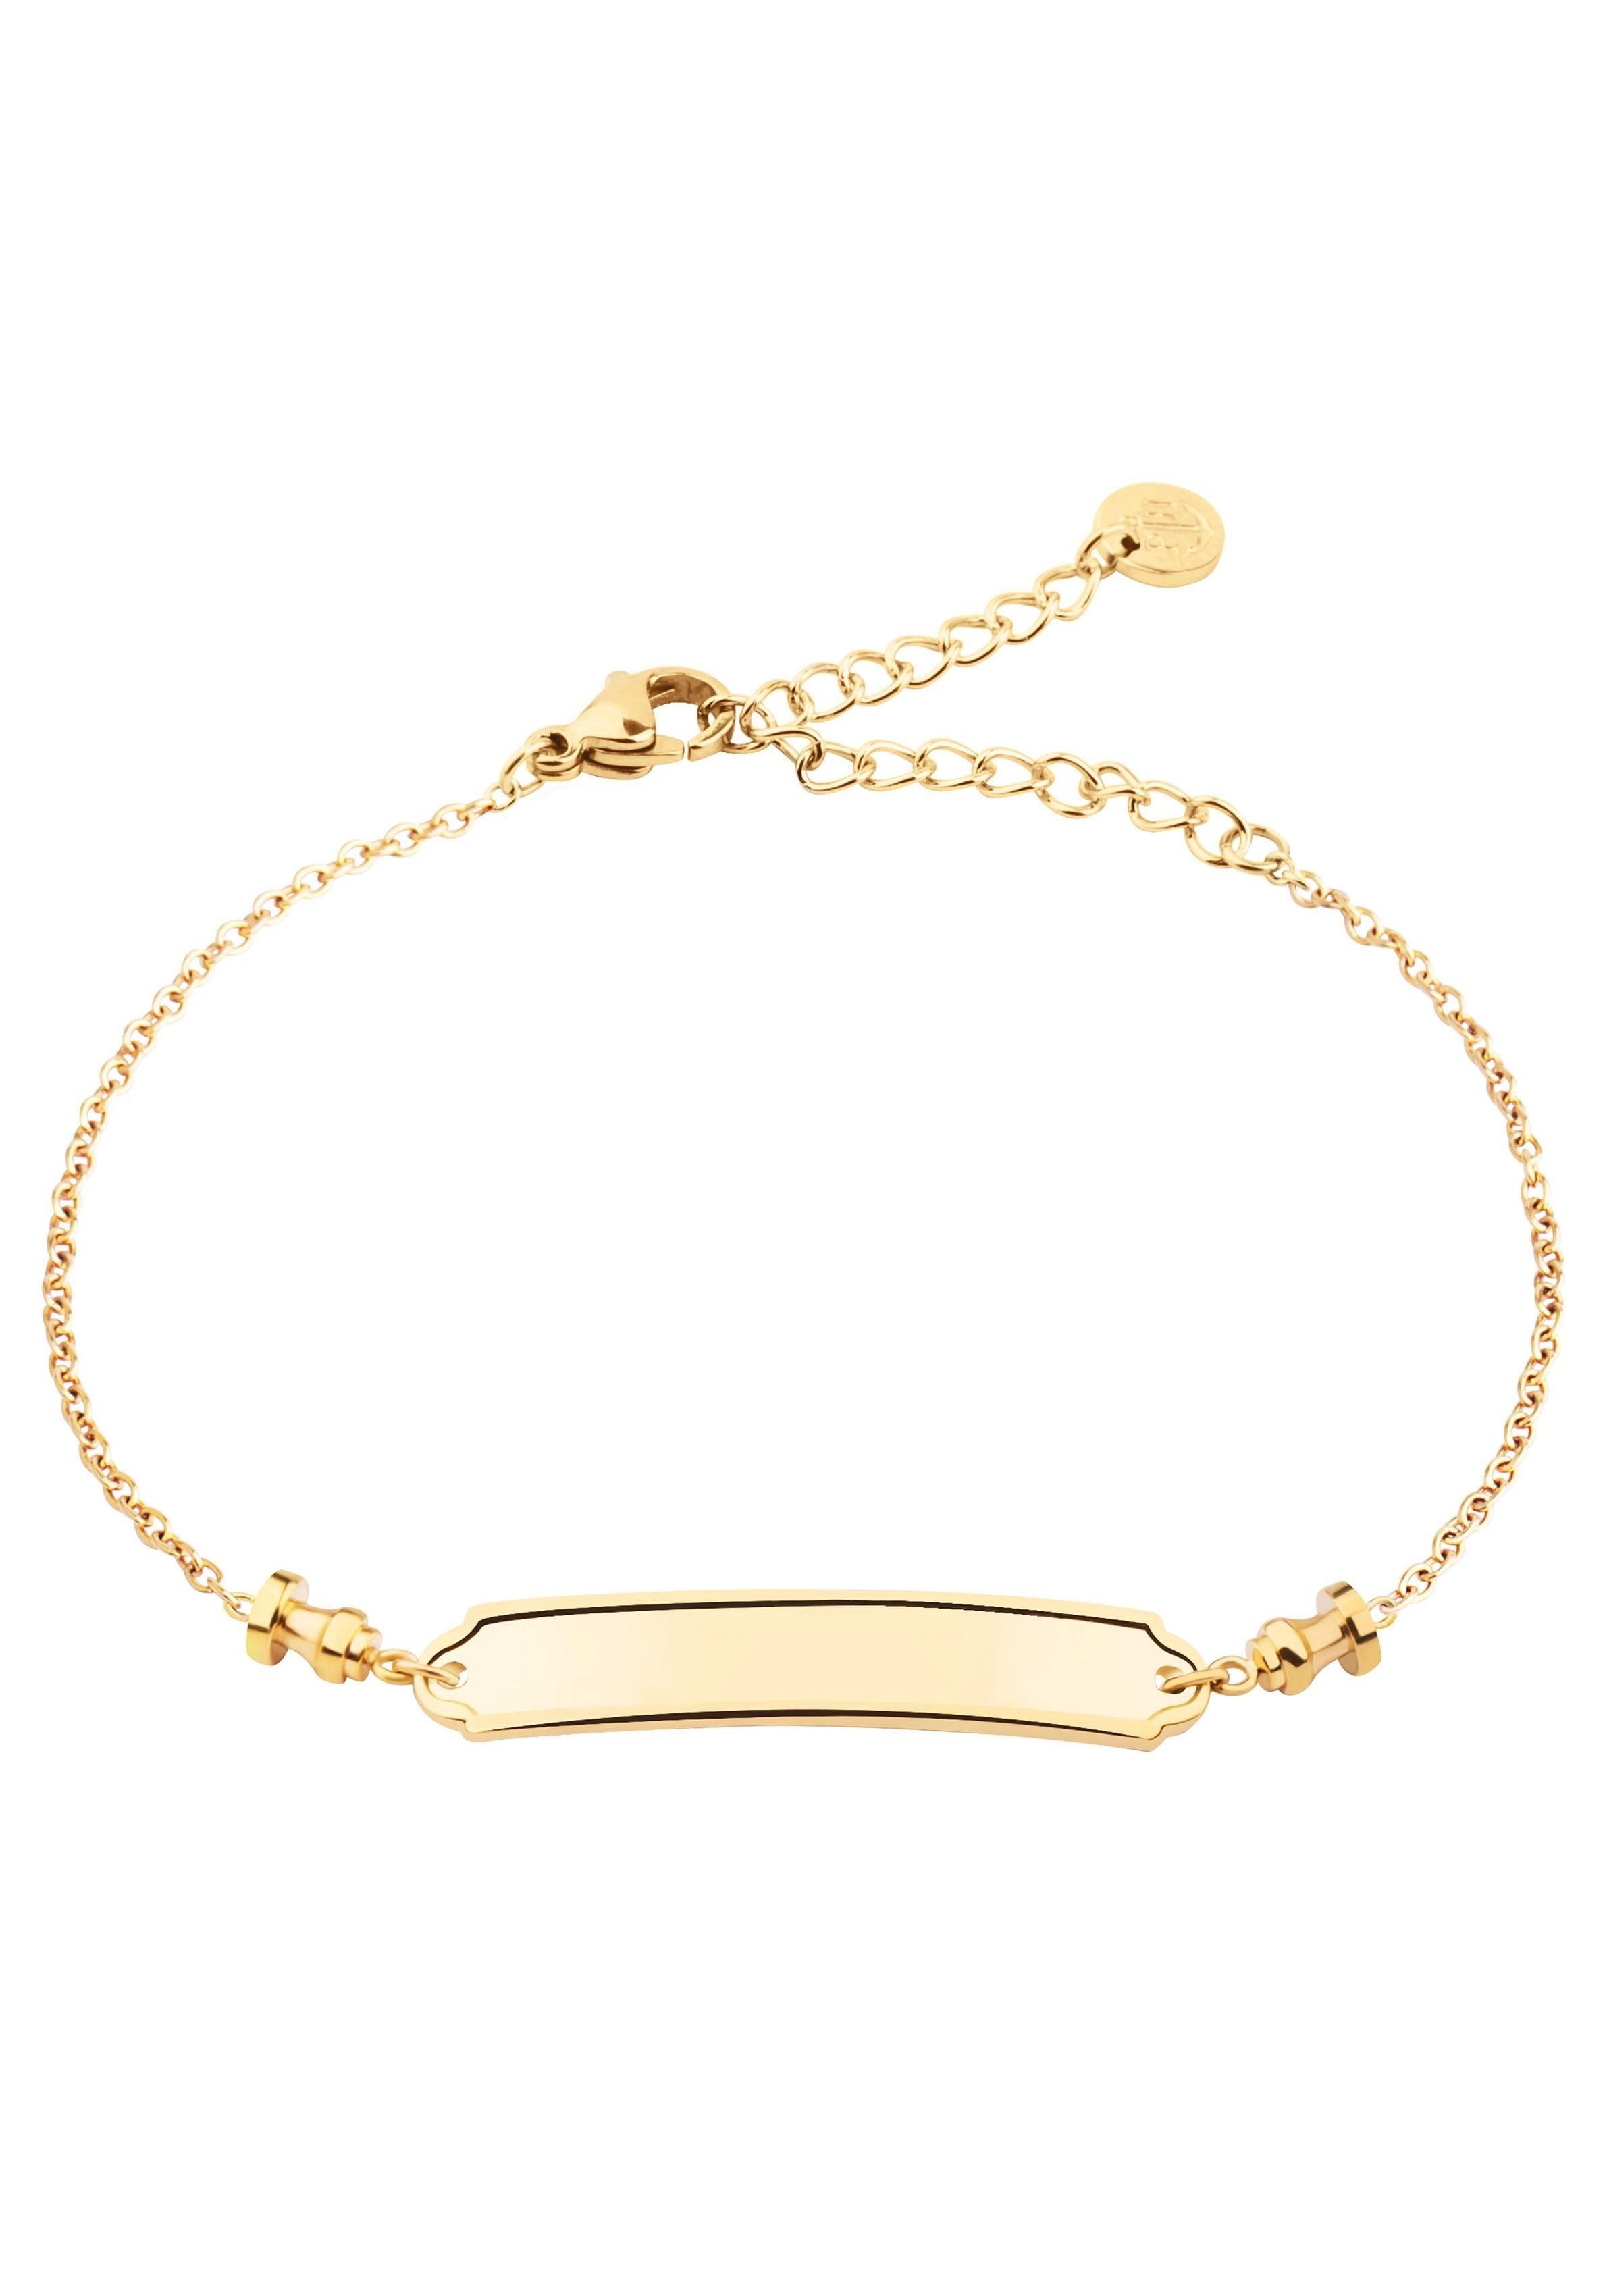 PAUL HEWITT Armband pier IP goud, PH-B-pc-BL-G - verschillende betaalmethodes